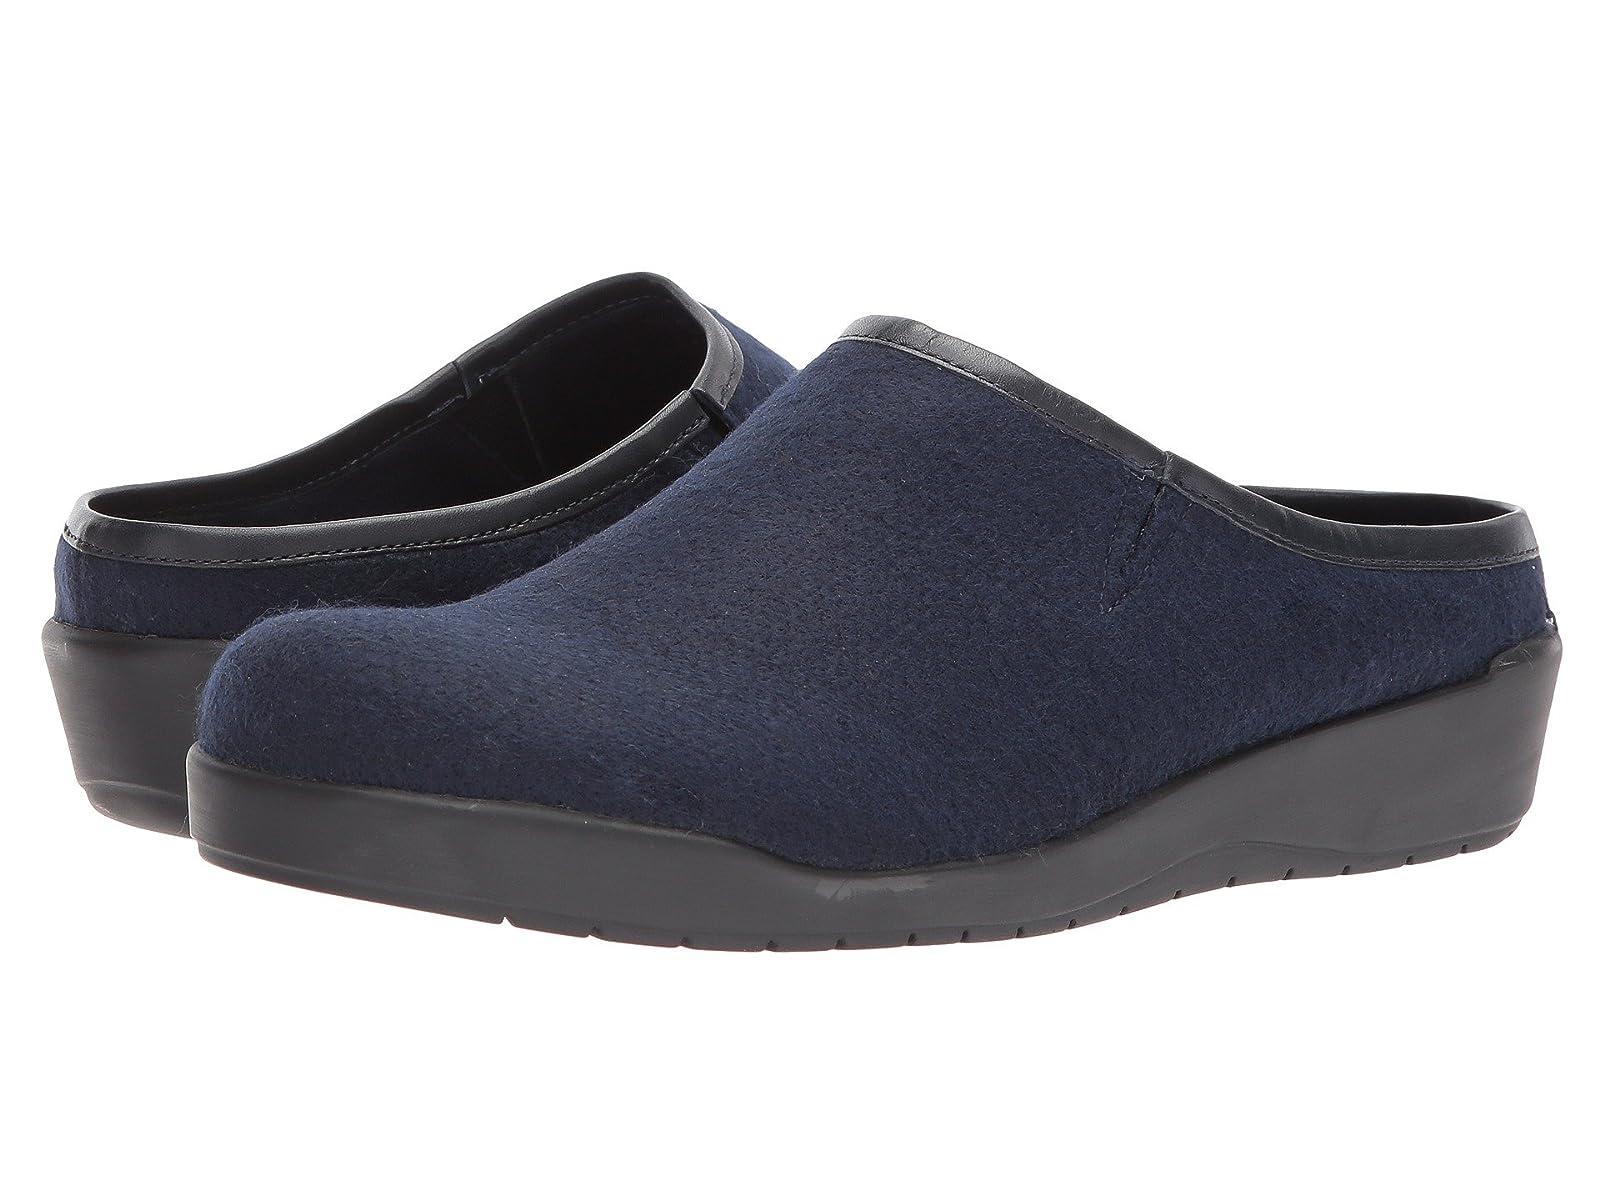 Walking Cradles AbbottAtmospheric grades have affordable shoes